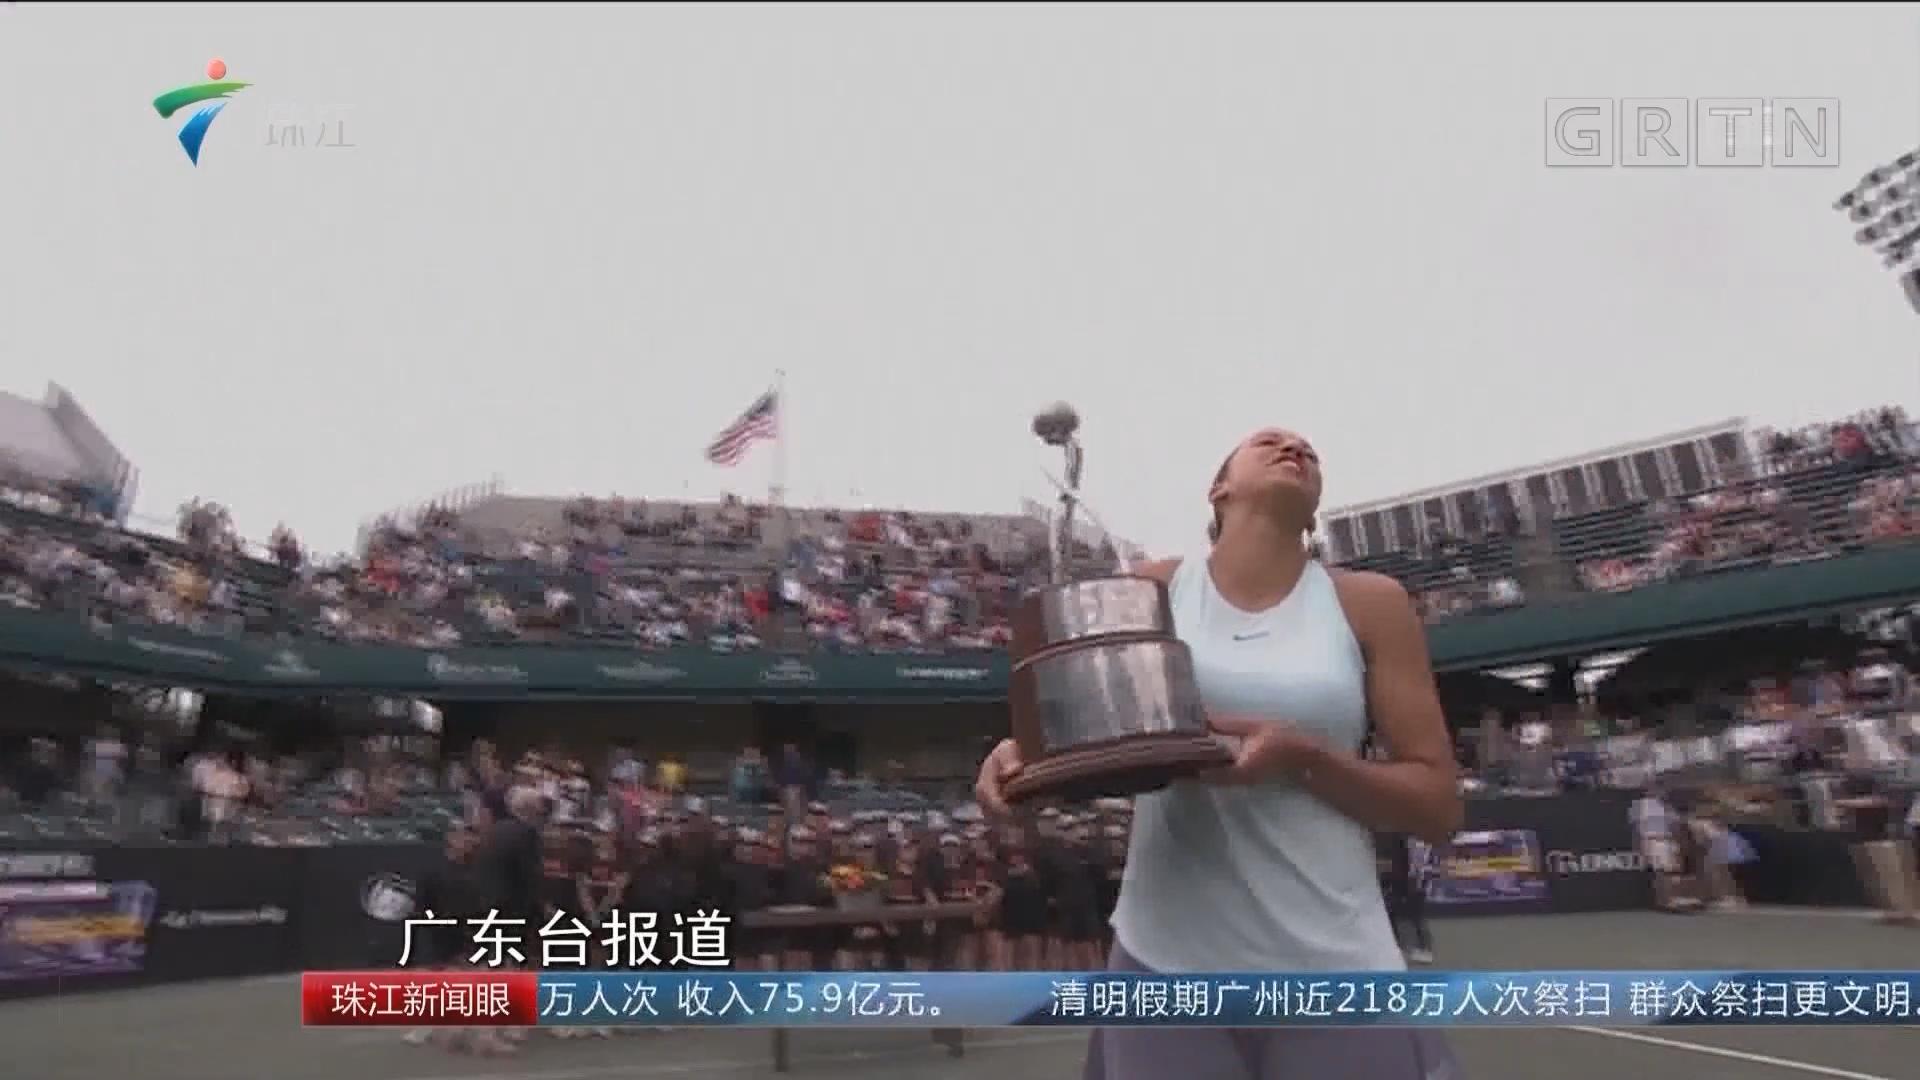 凯斯夺WTA沃尔沃赛冠军